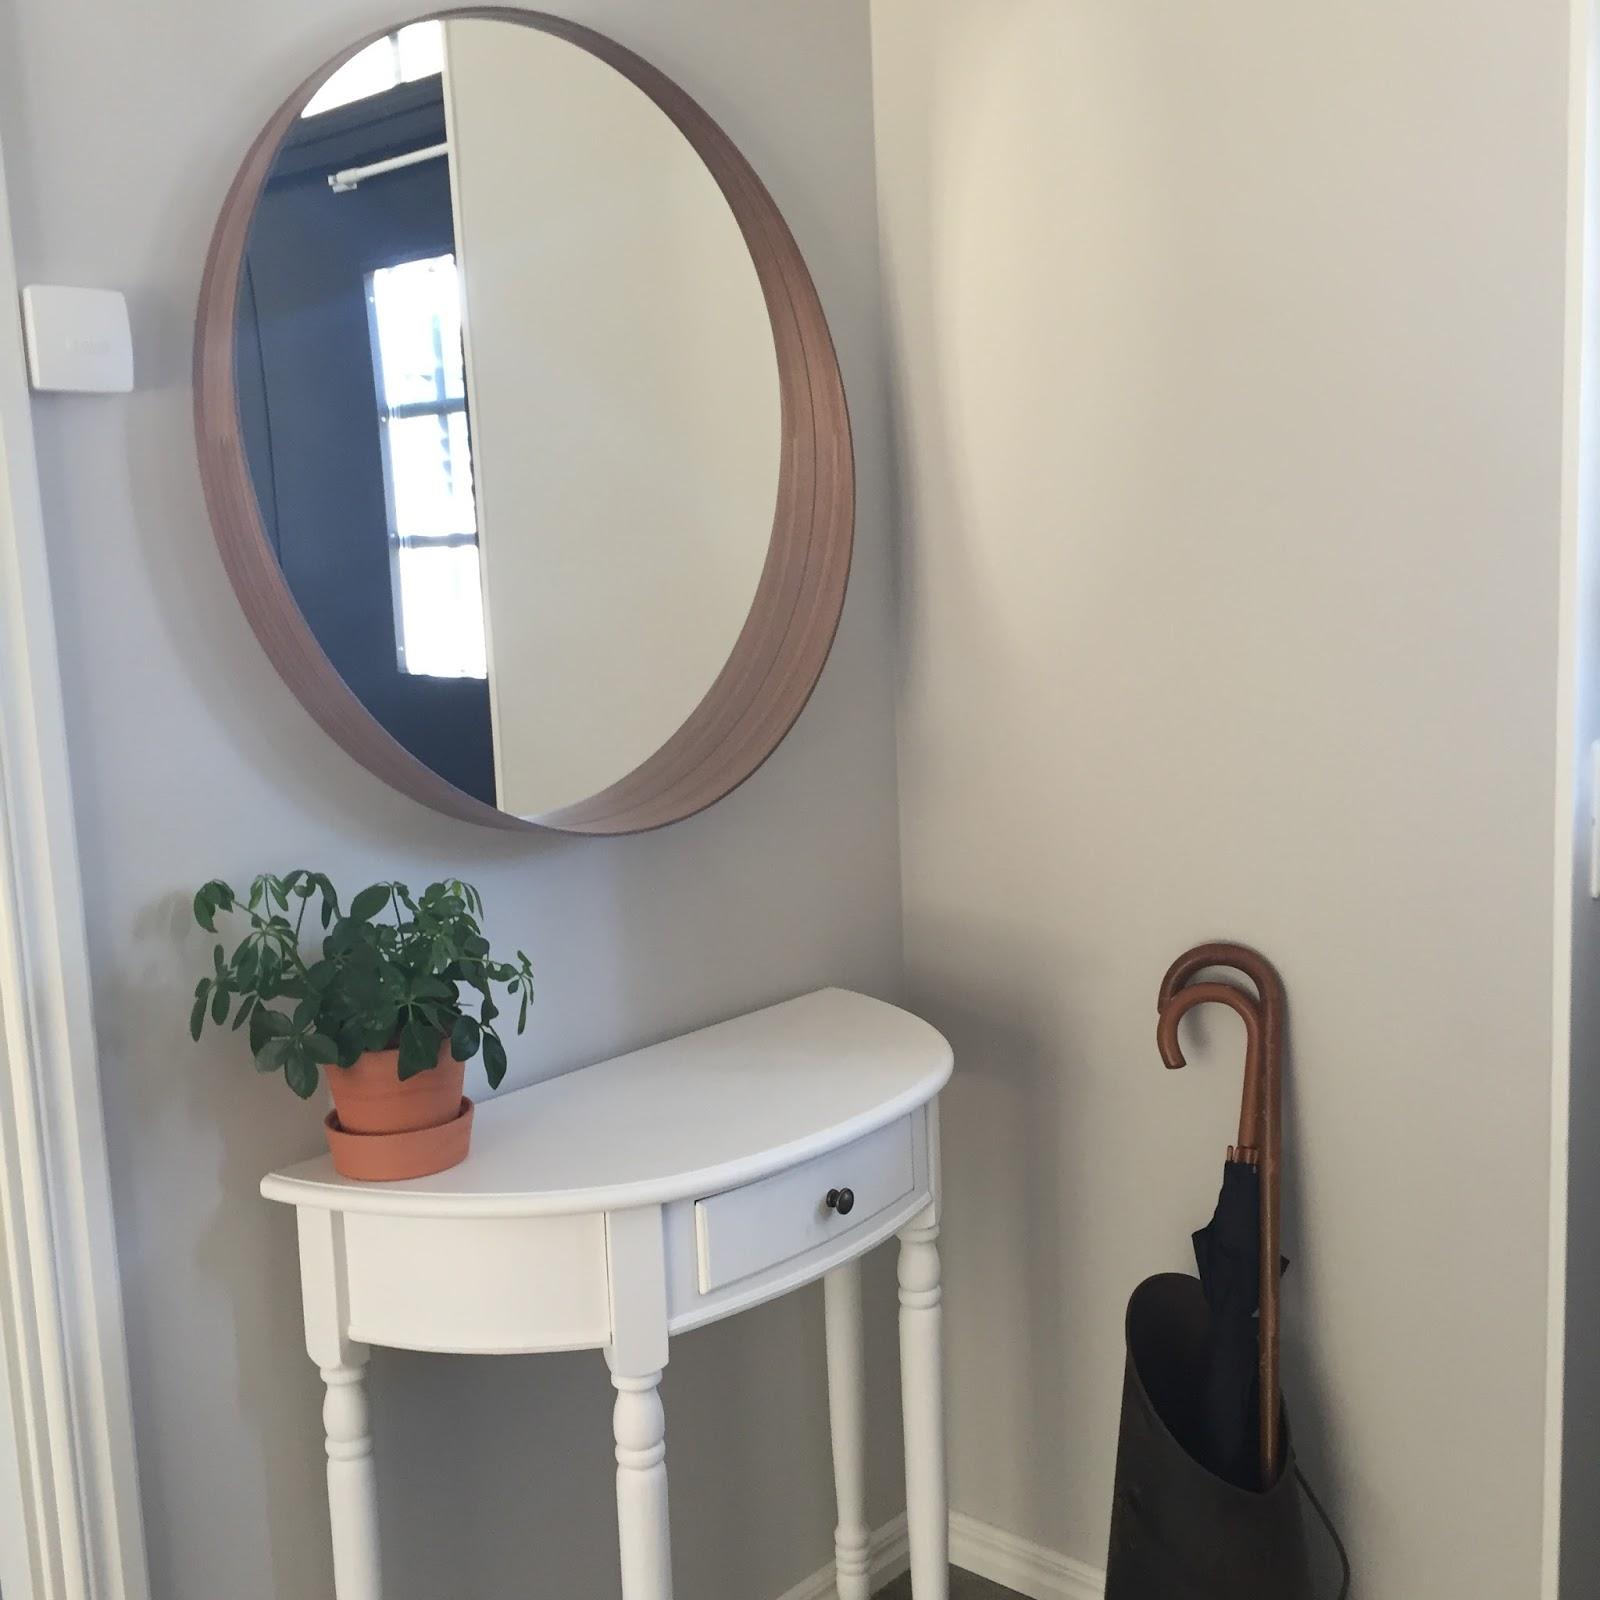 spegel i hallen